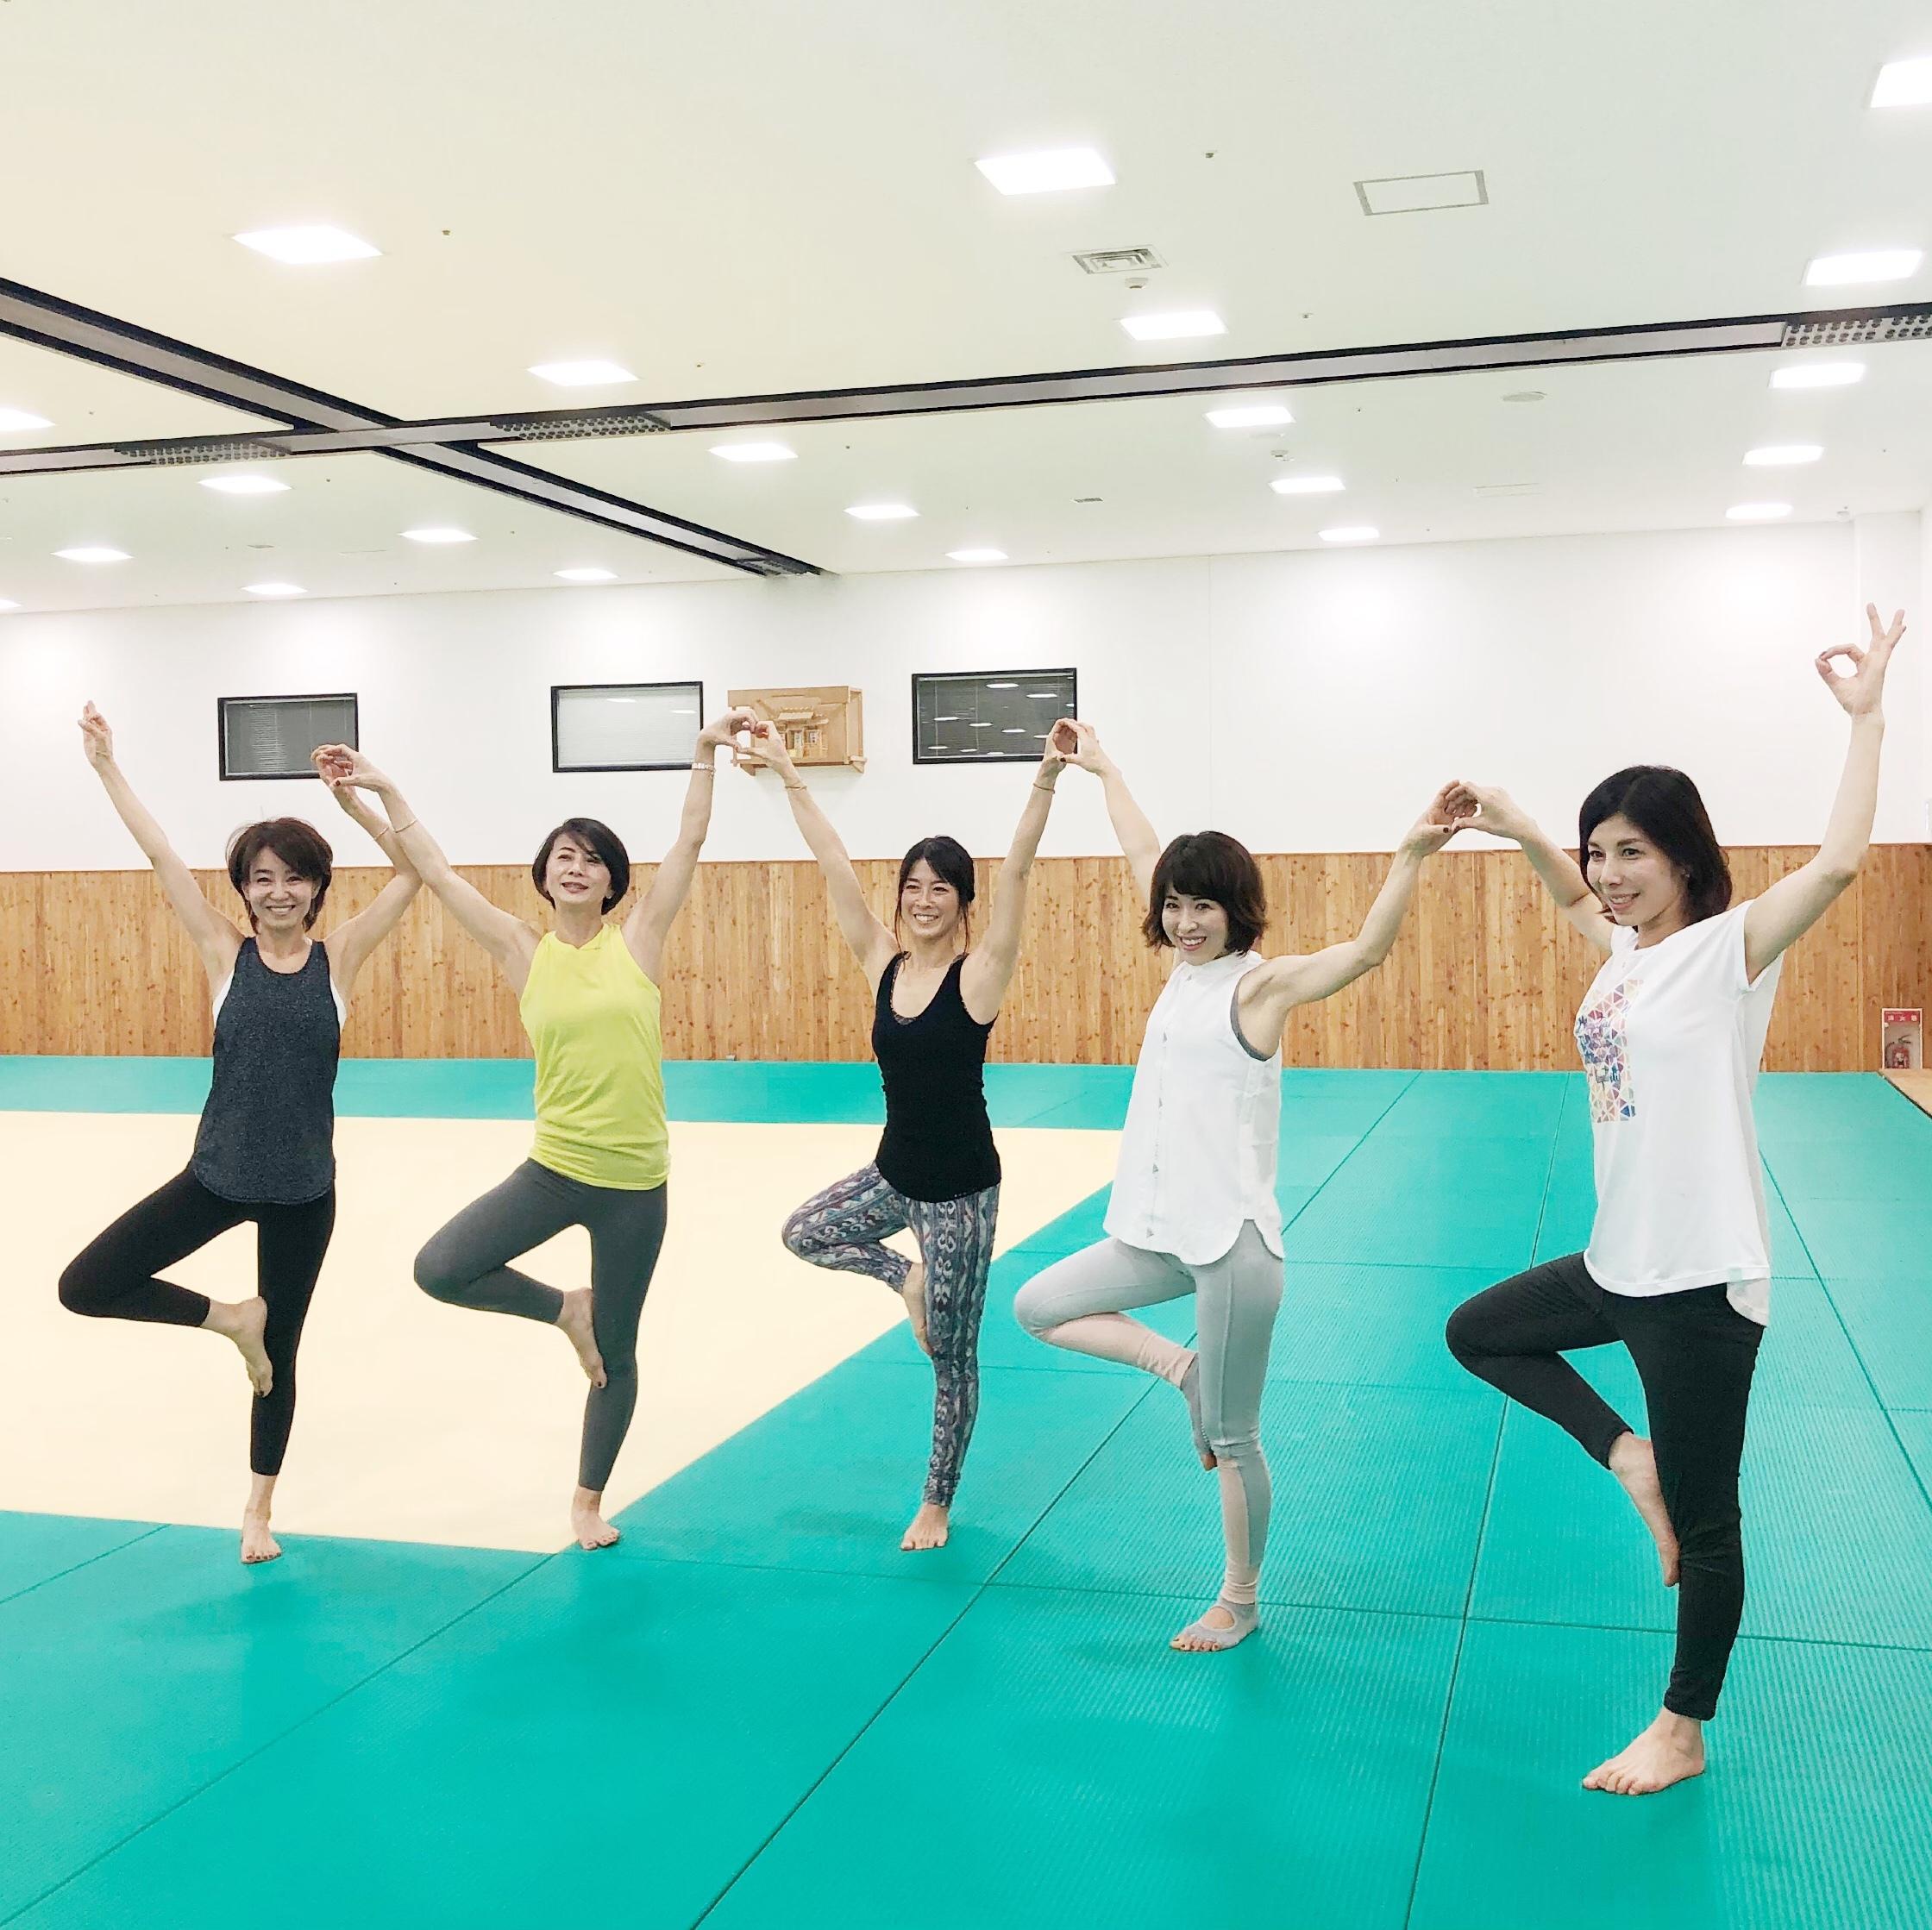 大人女子の美容合宿 in 軽井沢 Part 1_1_11